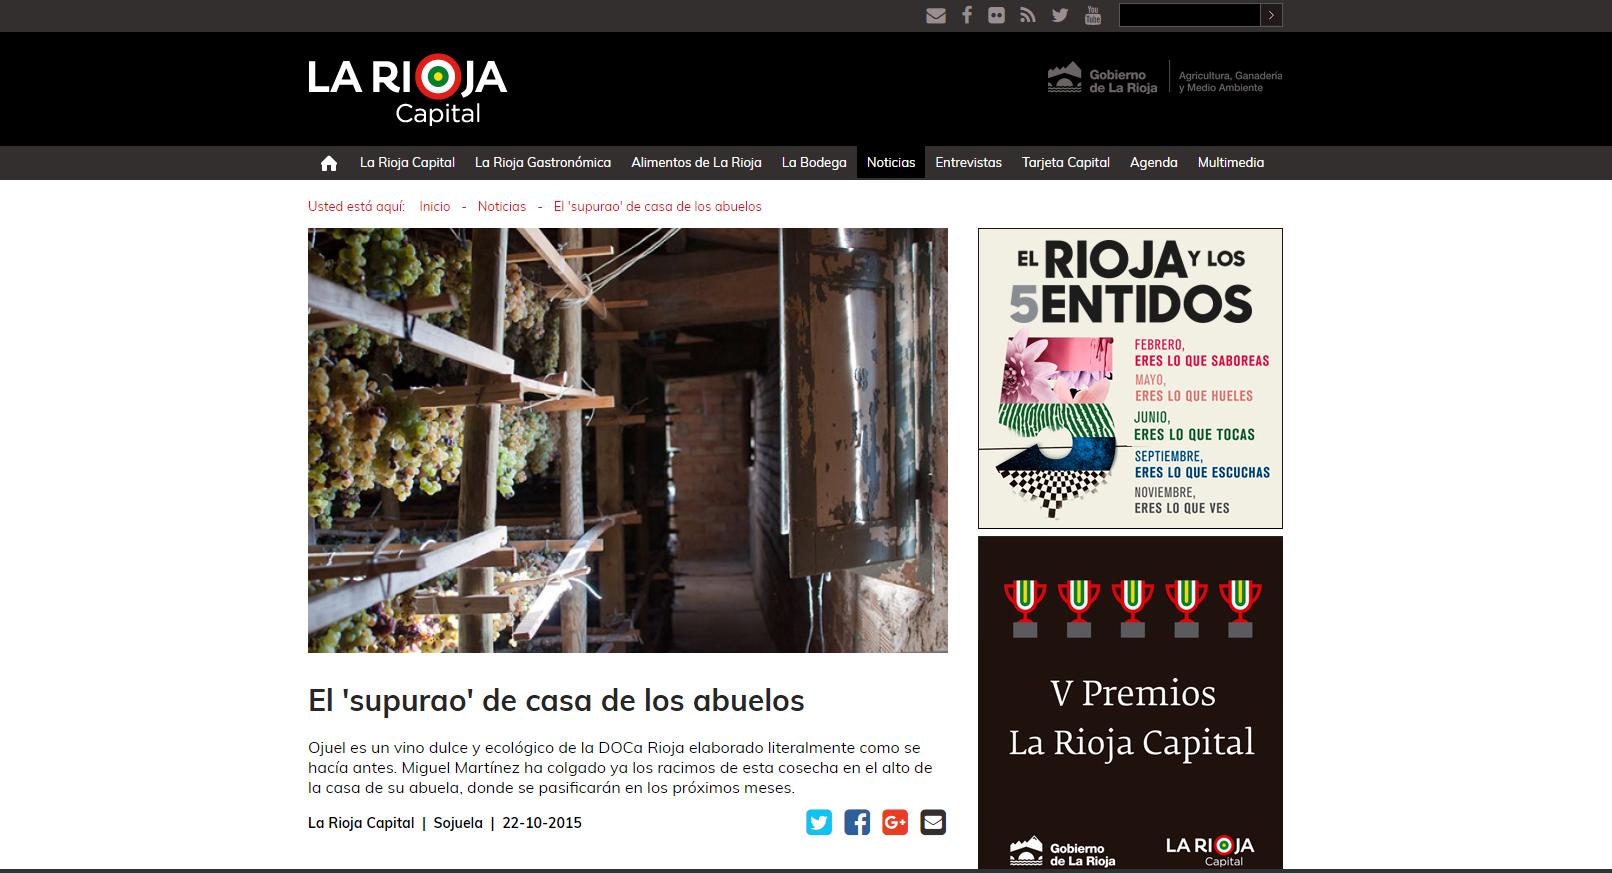 La Rioja Capital. El supurao de los abuelos